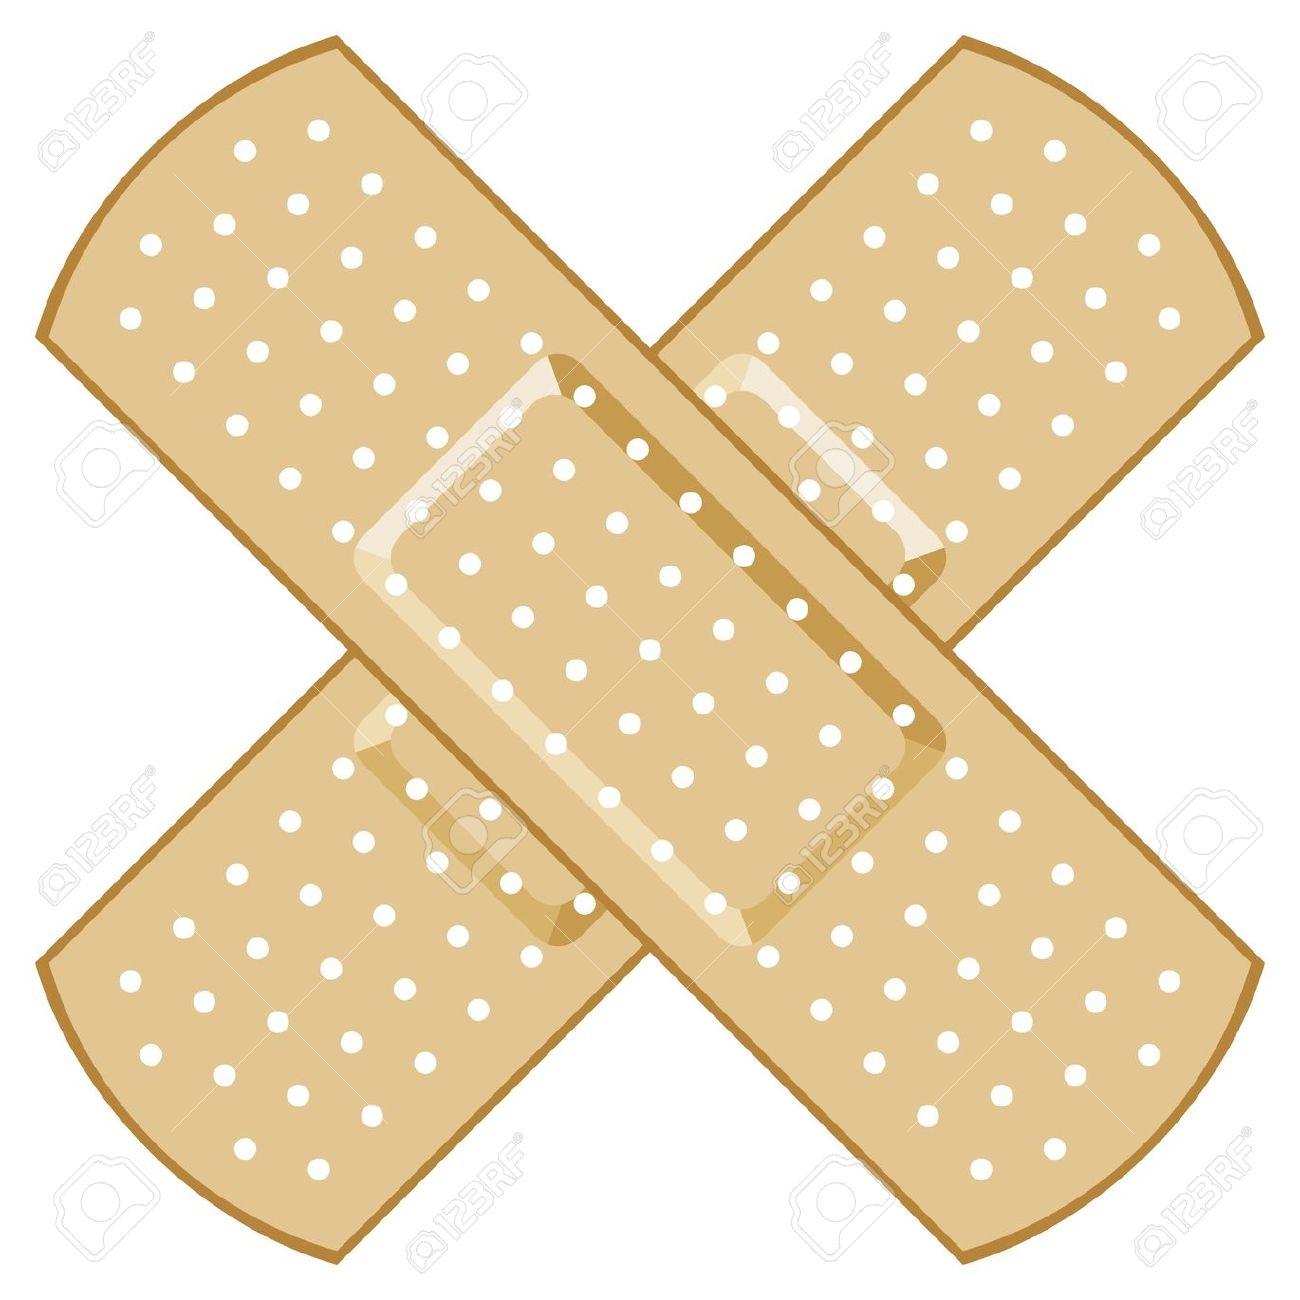 Adhesive Bandage Royalty Free Cliparts, Vectors, And Stock.